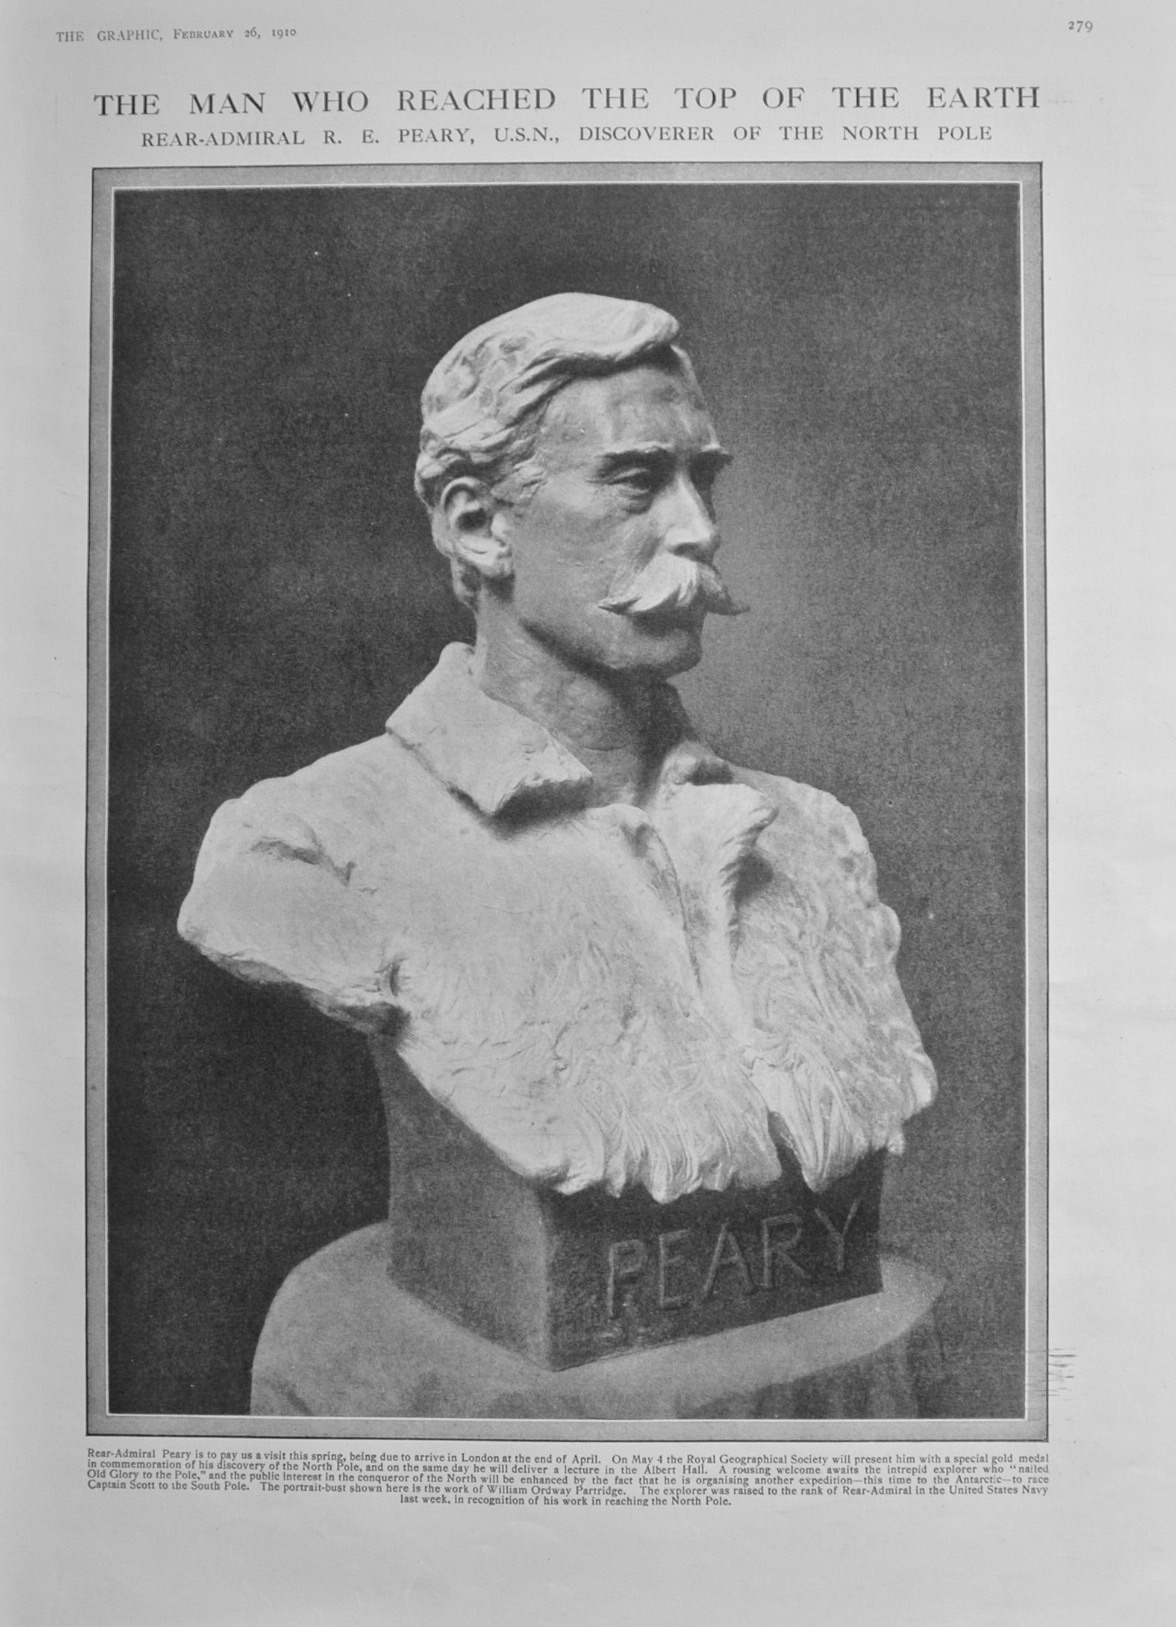 Rear-Admiral R E Peary - 1910